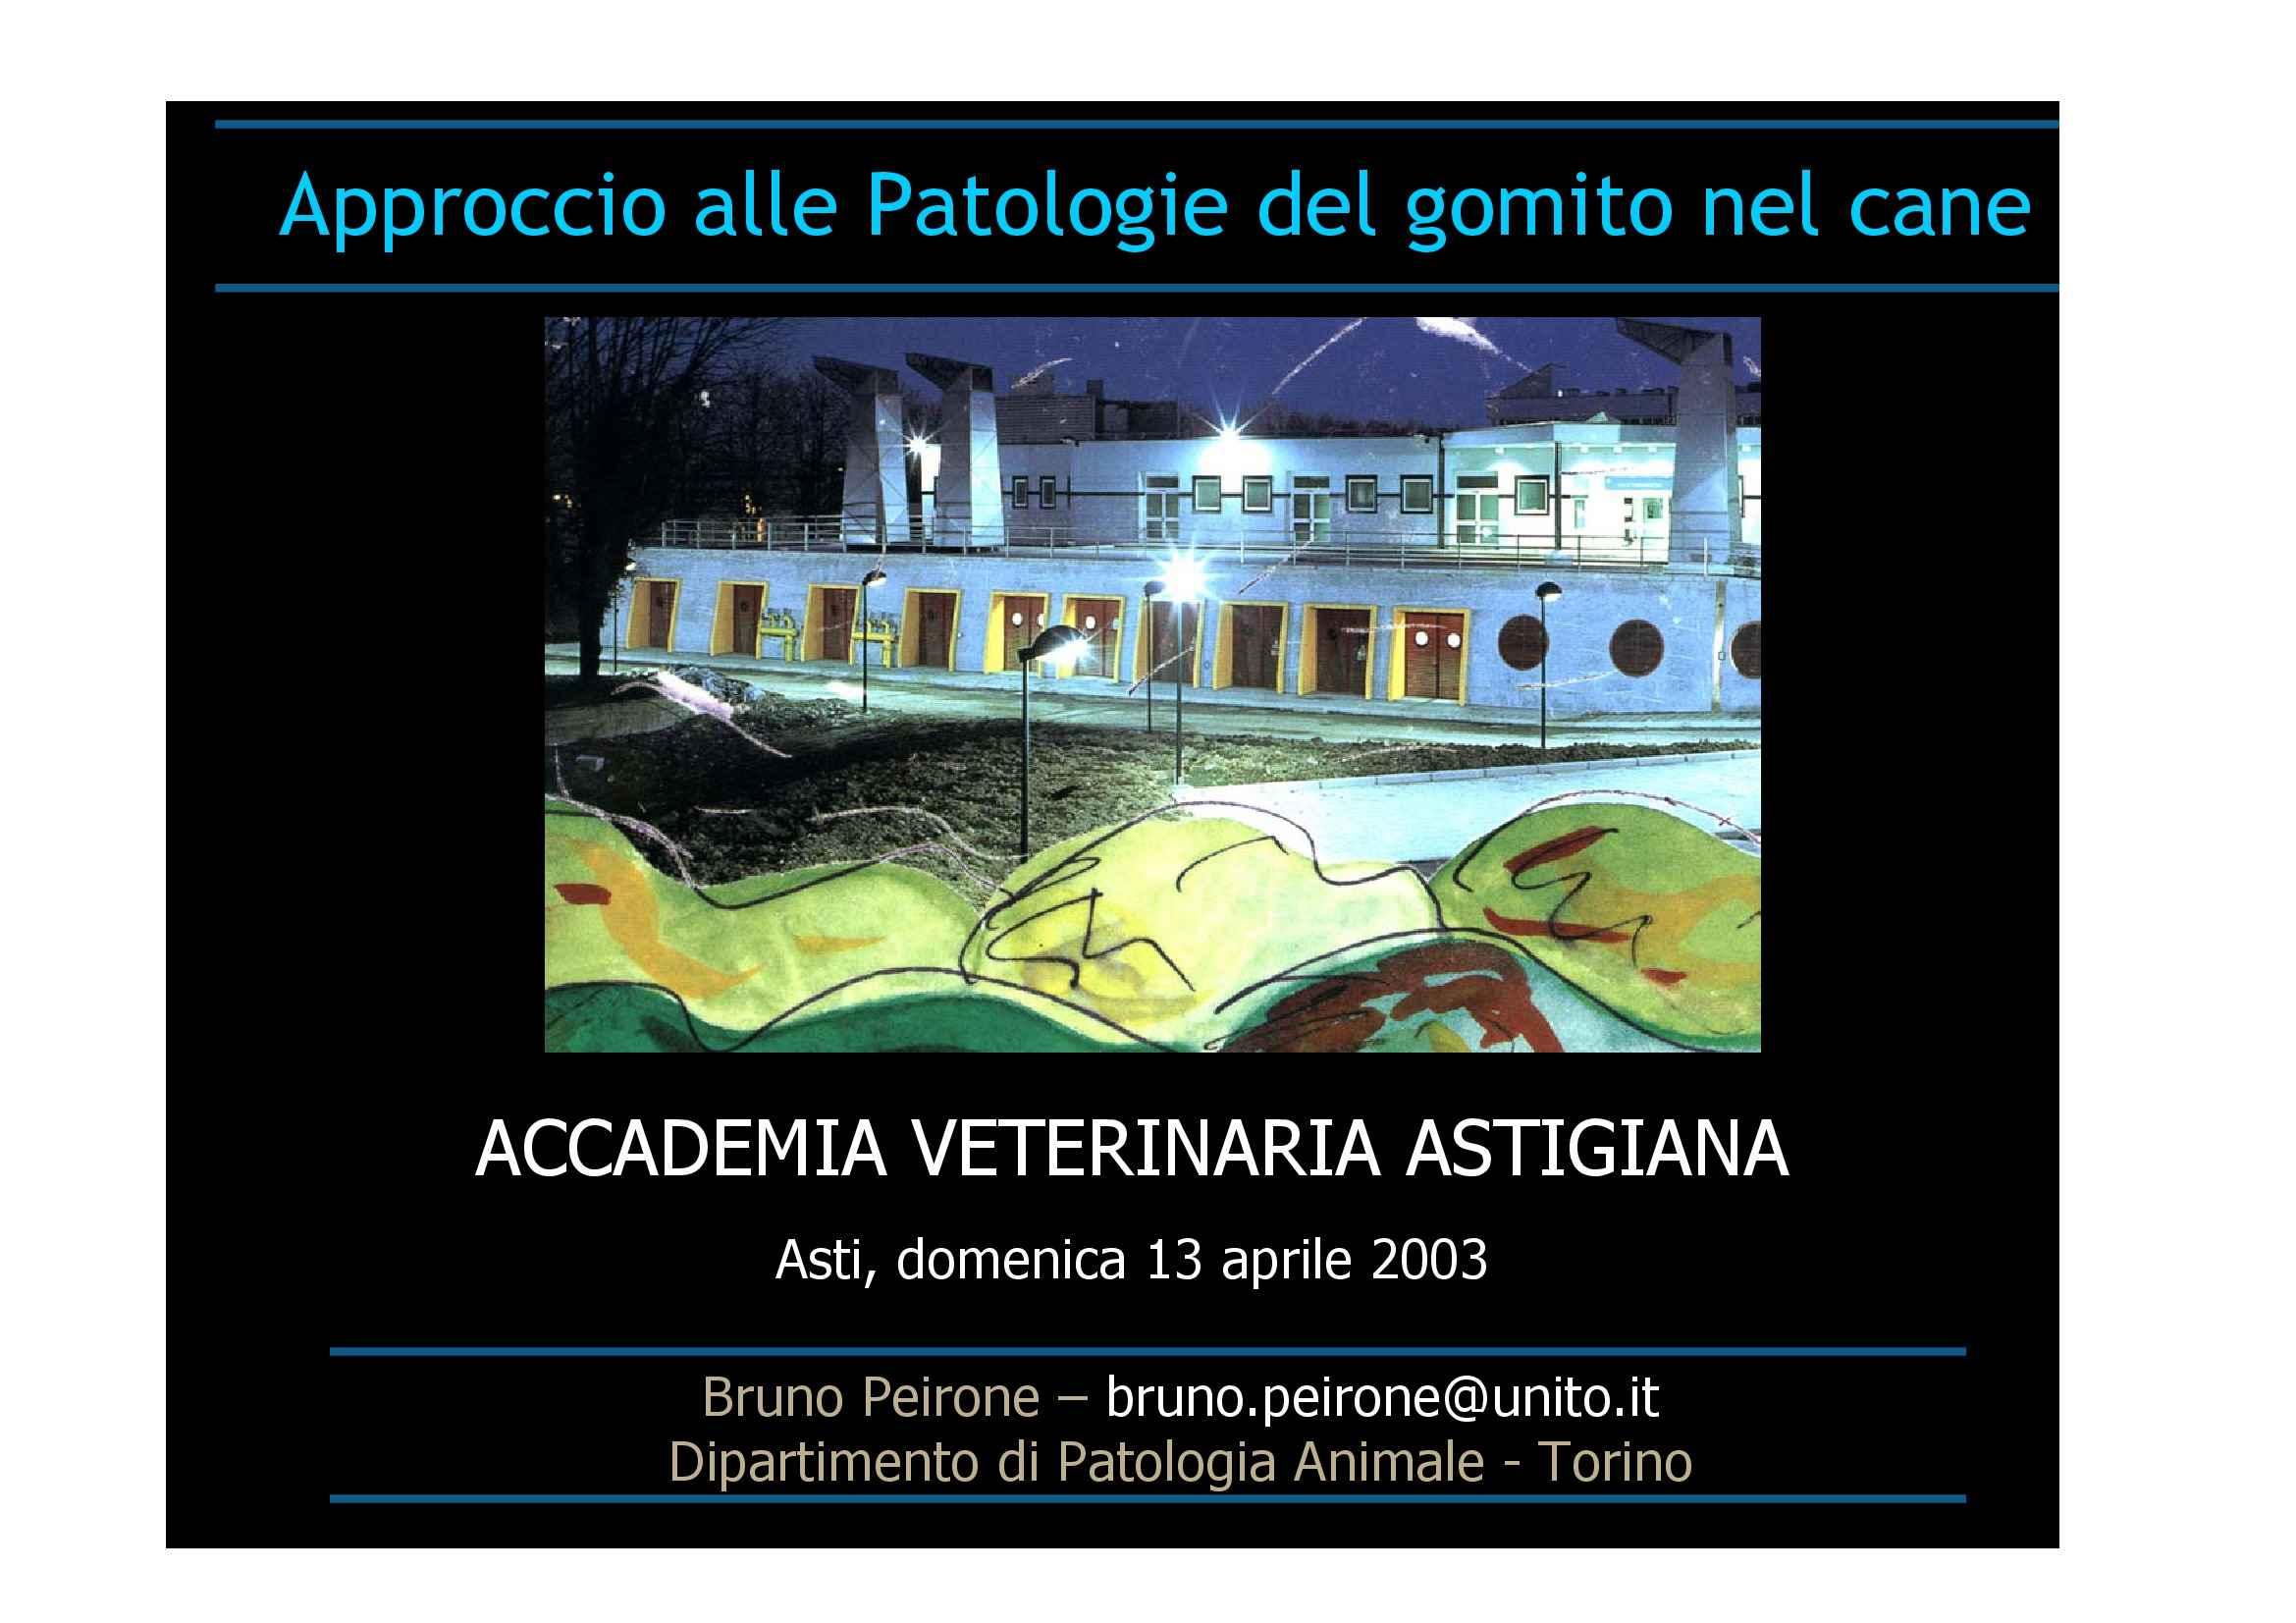 Trattamento delle patologie di gomito nel cane